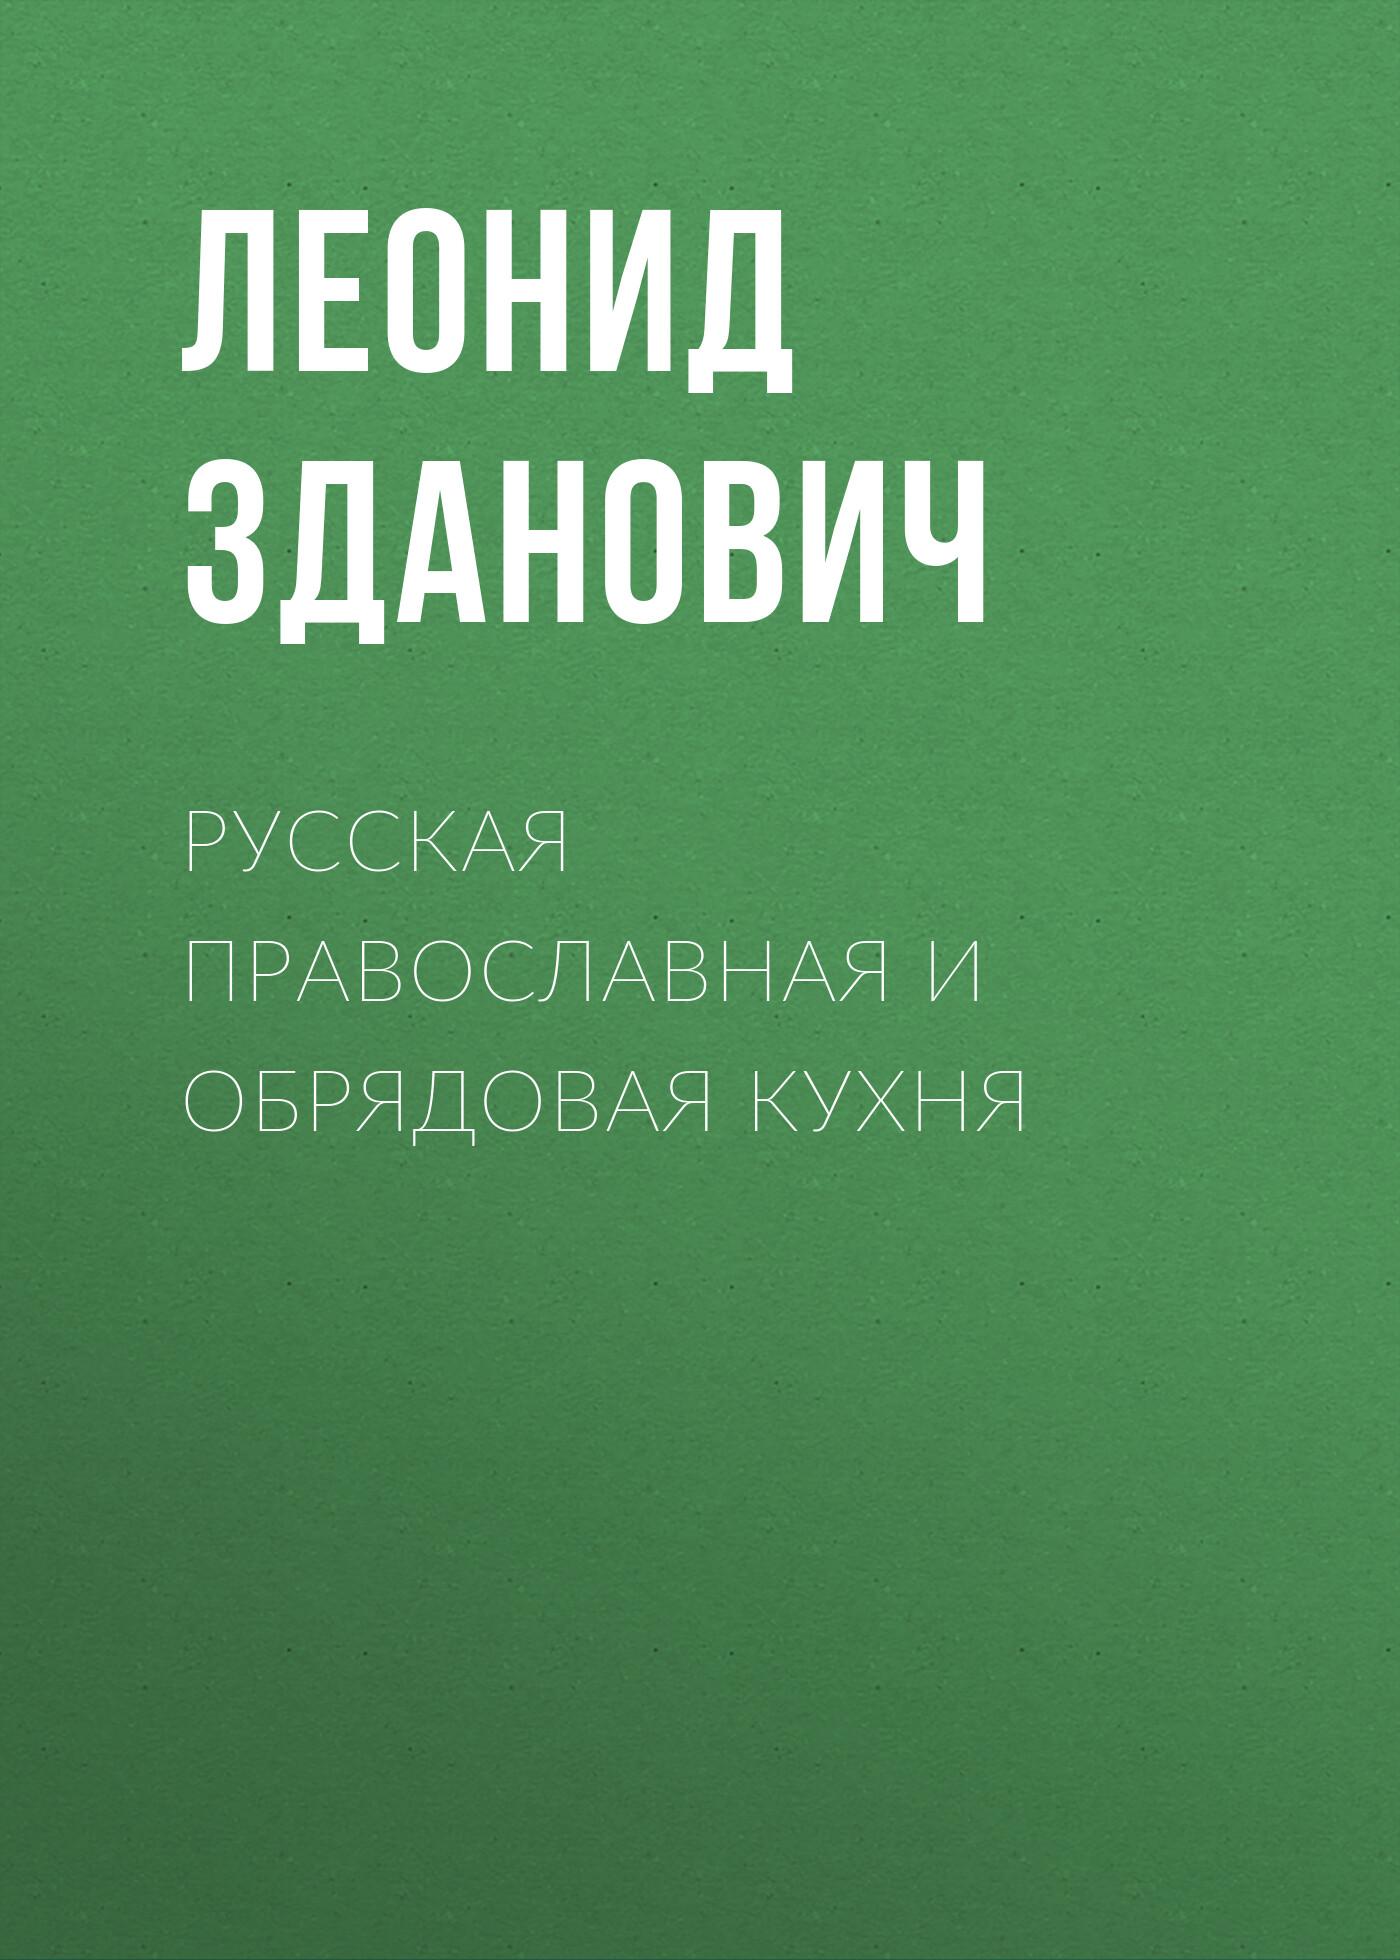 Леонид Зданович Русская православная и обрядовая кухня